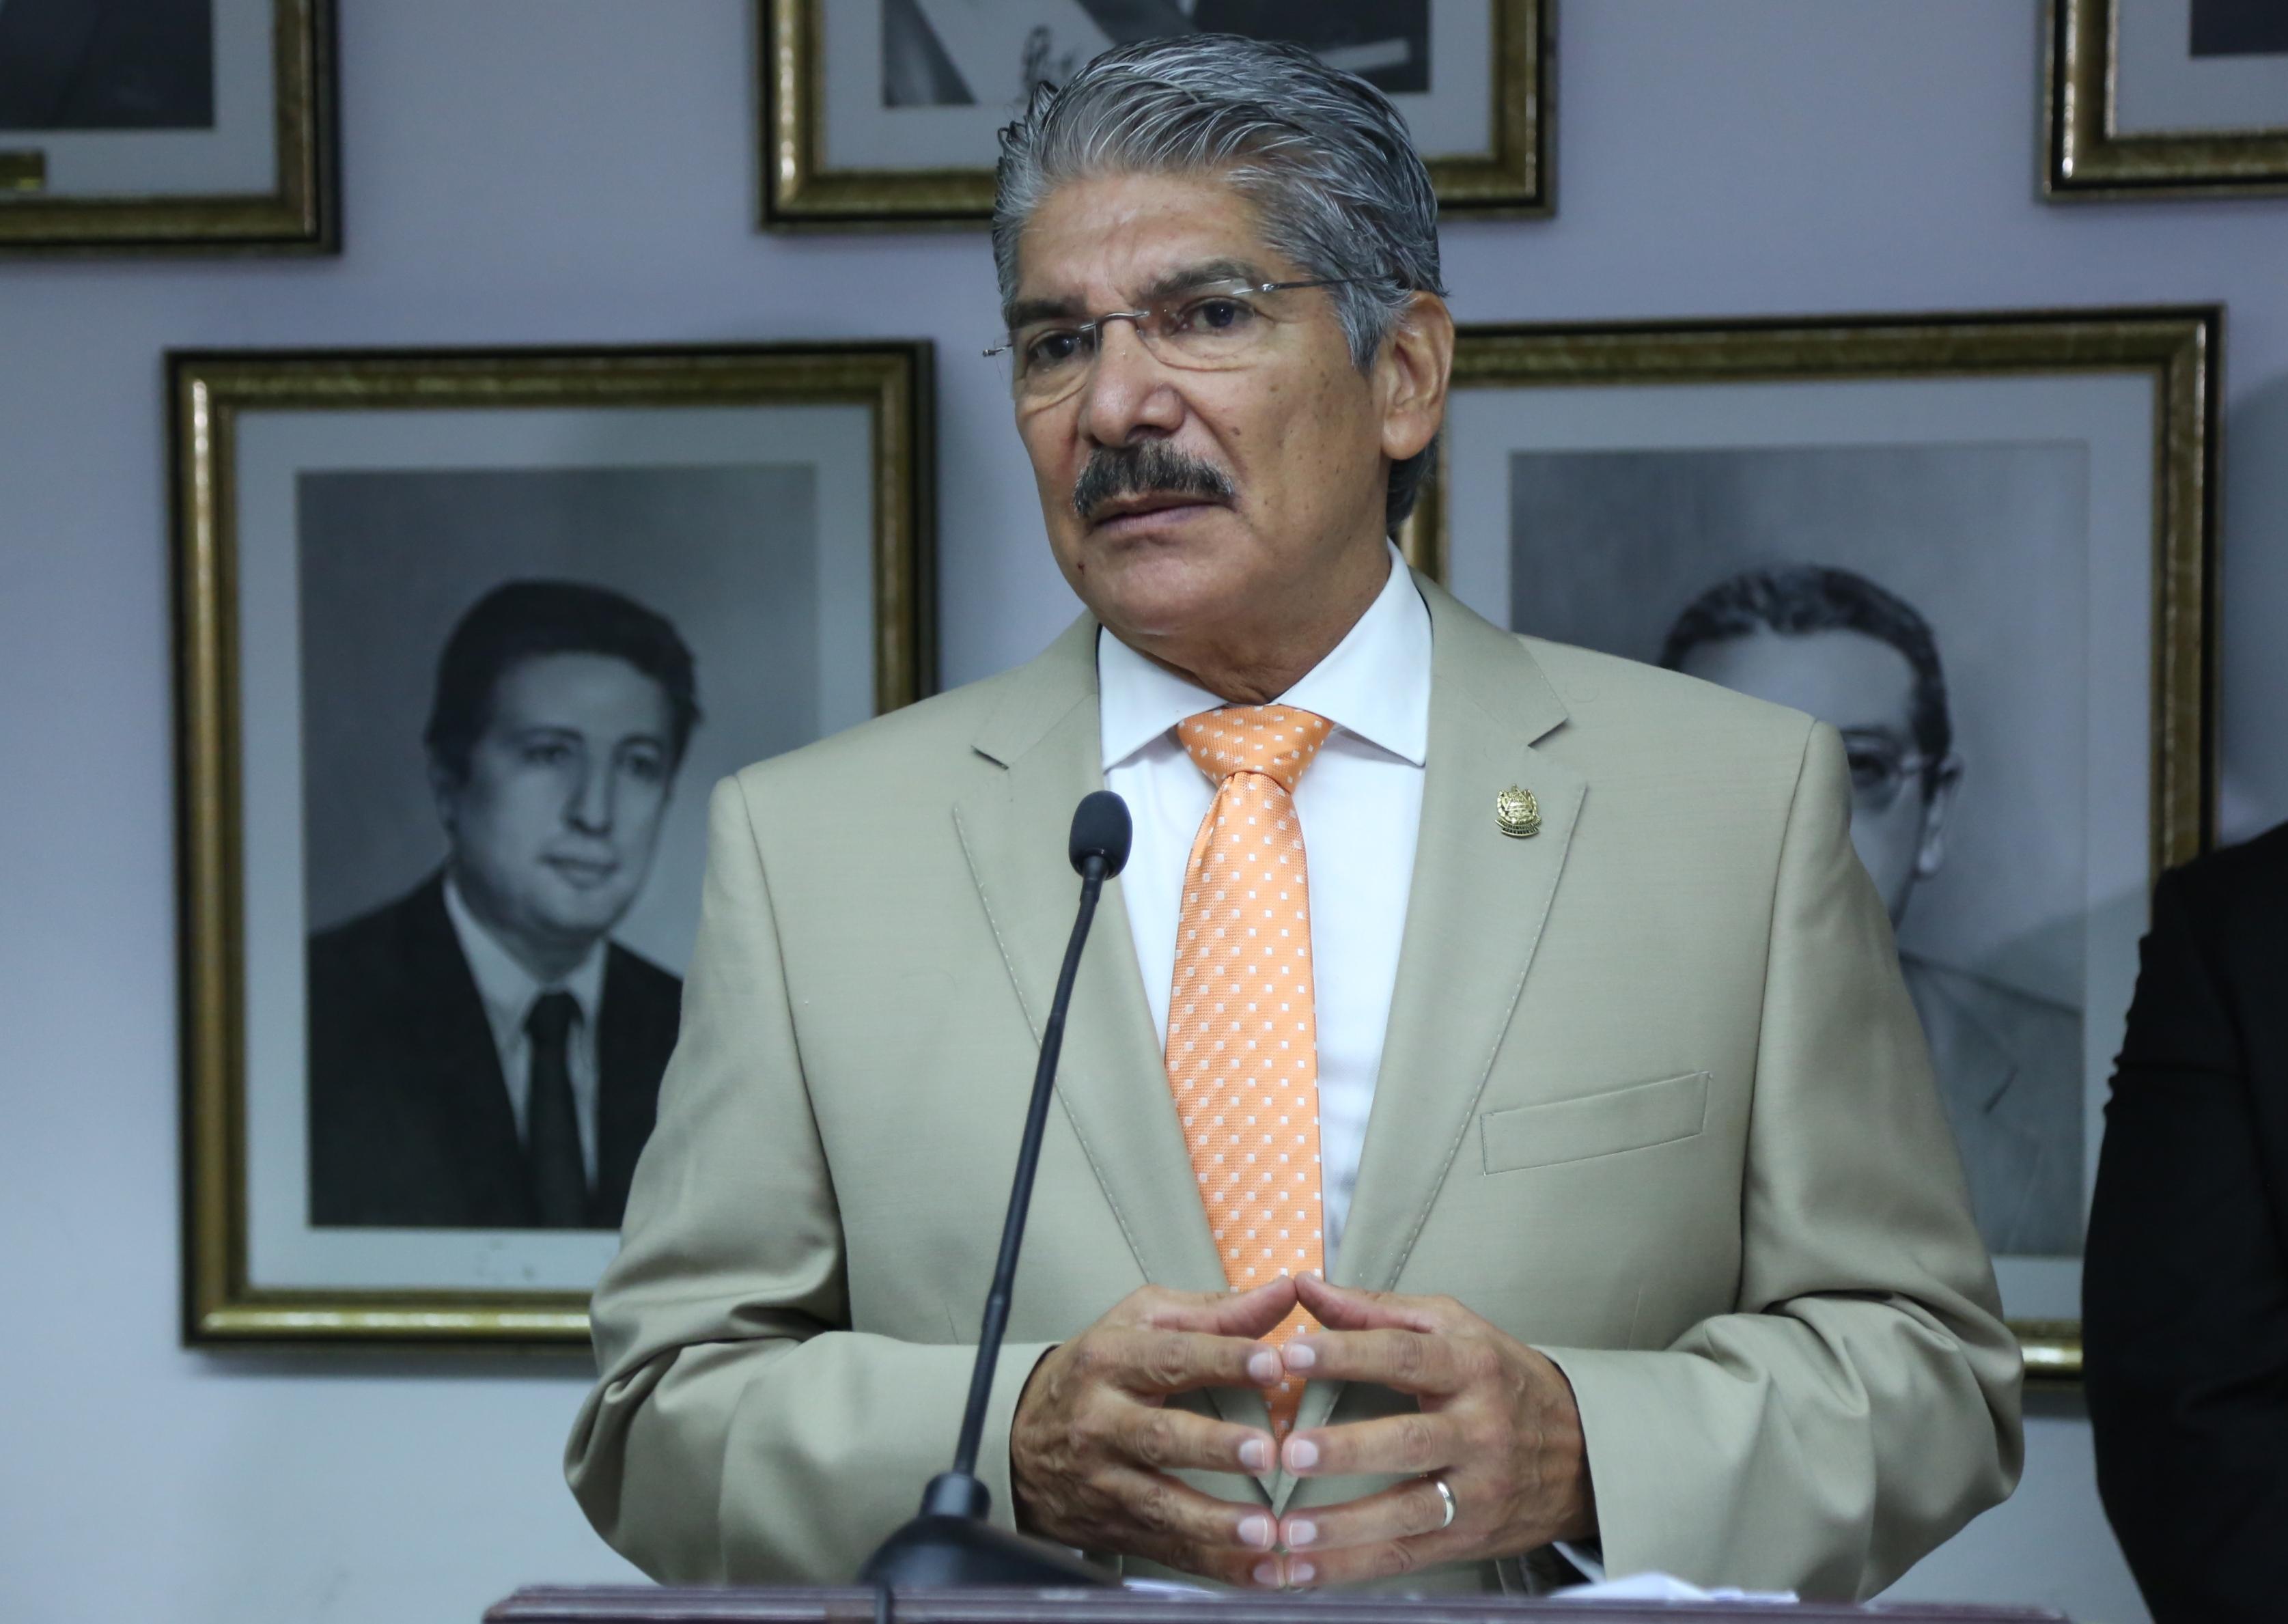 Presidente Quijano: BCIE le ha dado la razón al reiterar que no es procedente reorientar recursos destinados a construir nuevo edificio